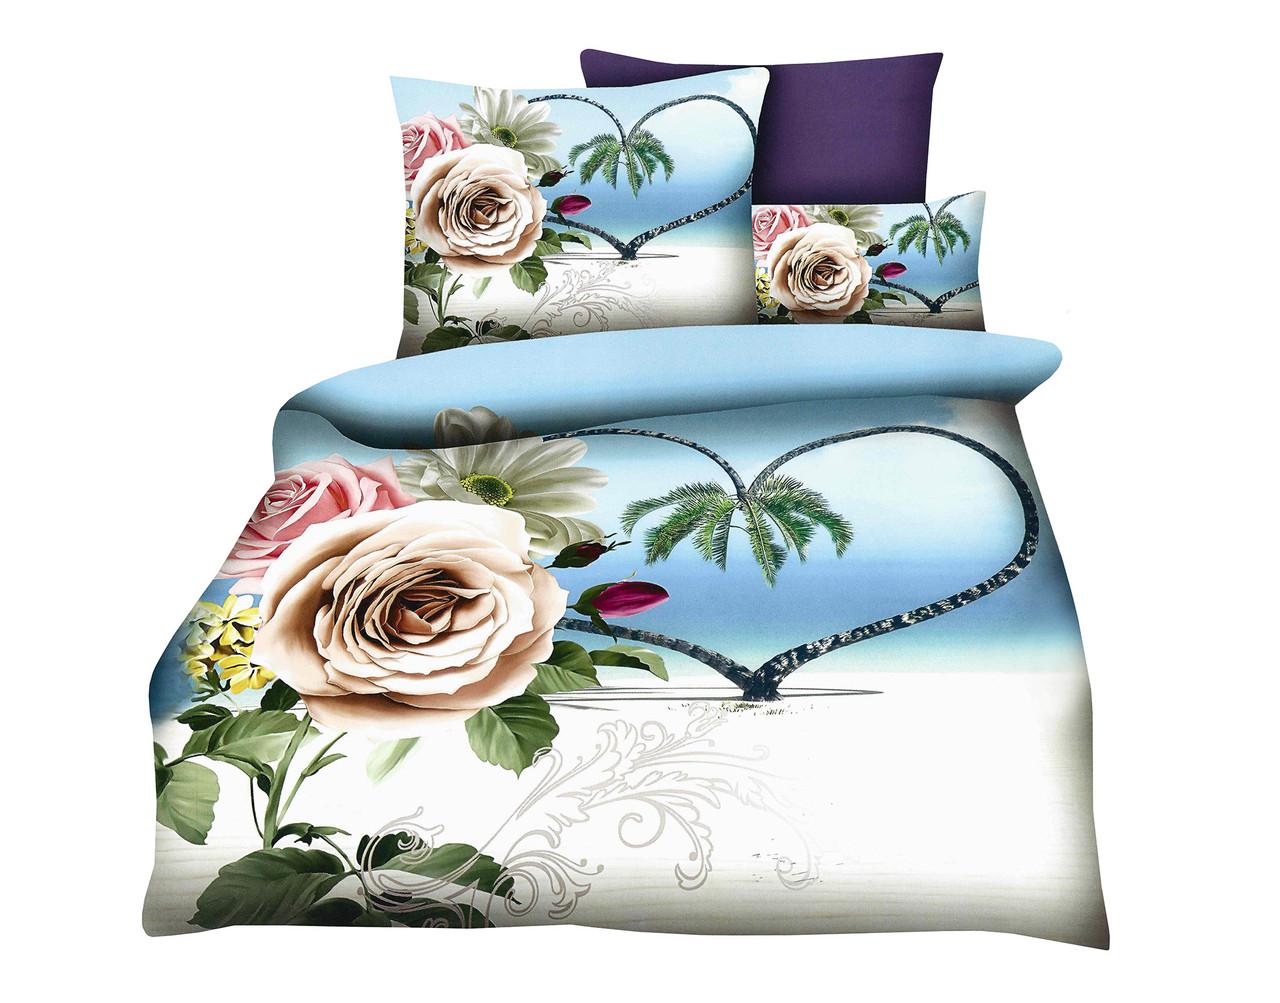 Комплект постельного белья Микроволокно HXDD-768 M&M 5218 Кремовый, Синий, Зеленый